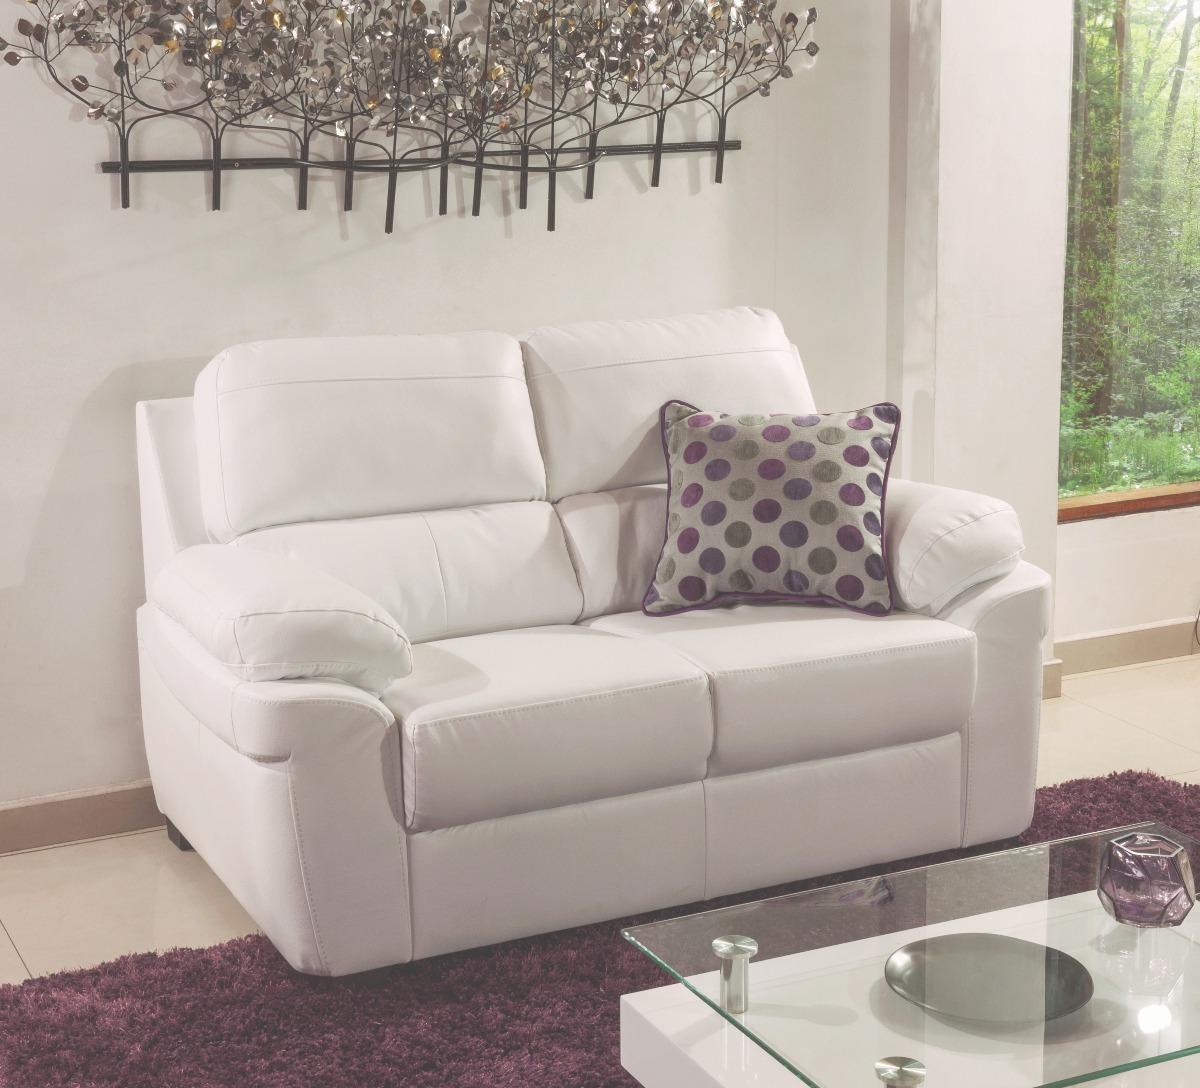 Sof moderno de 2 puestos tapizado tela o ecocuero tur n en mercado libre - Tela tapizado sofa ...